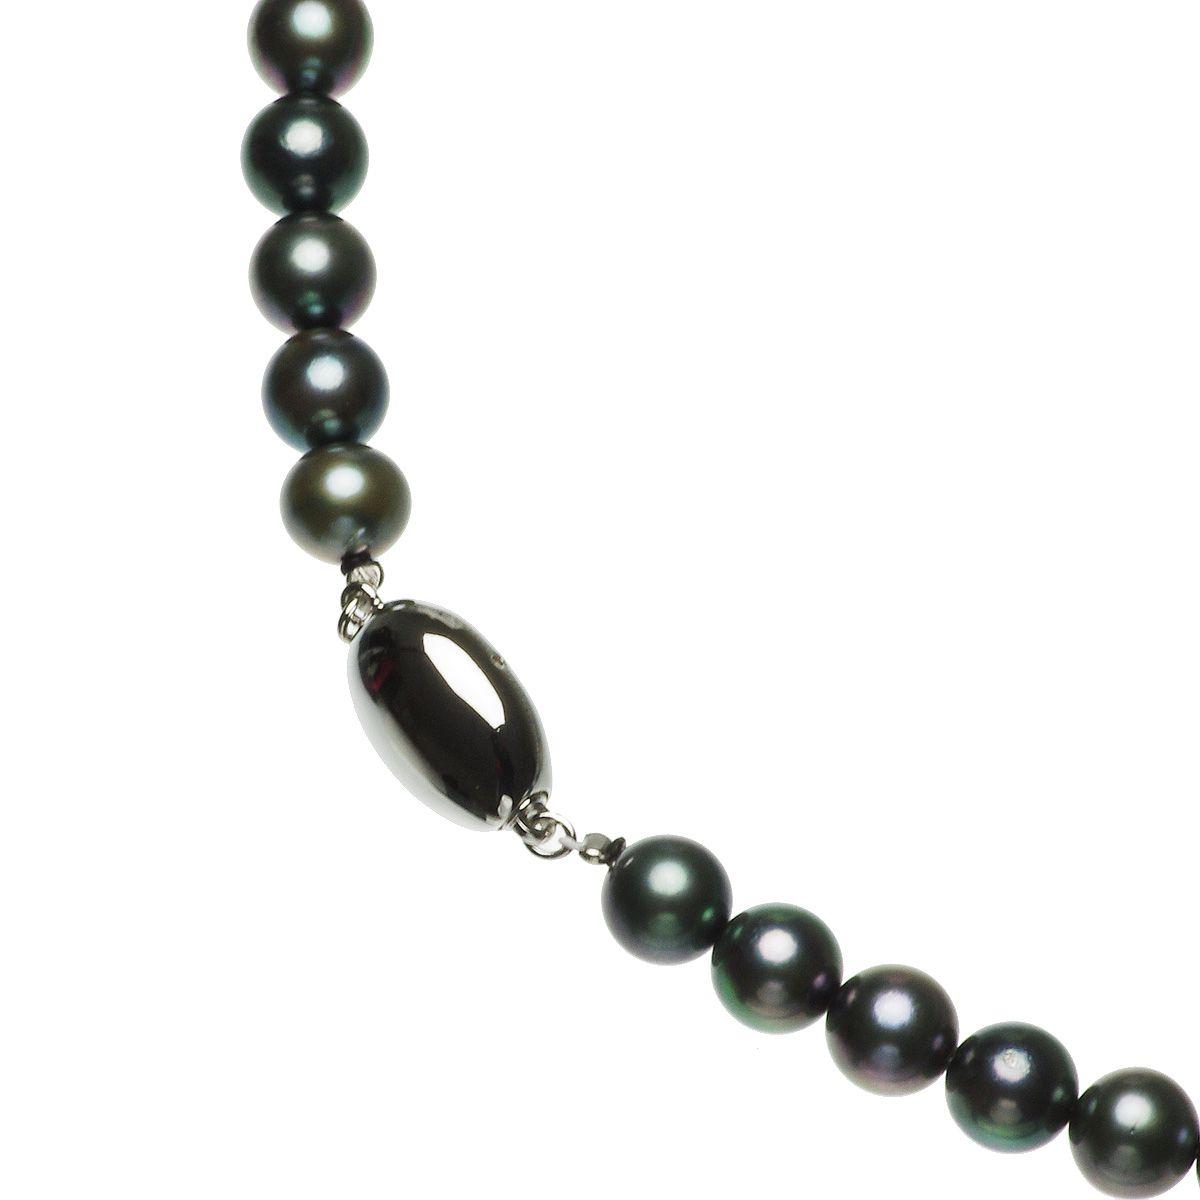 アコヤ真珠フォーマルネックレス 約7.5-8.0mmの写真